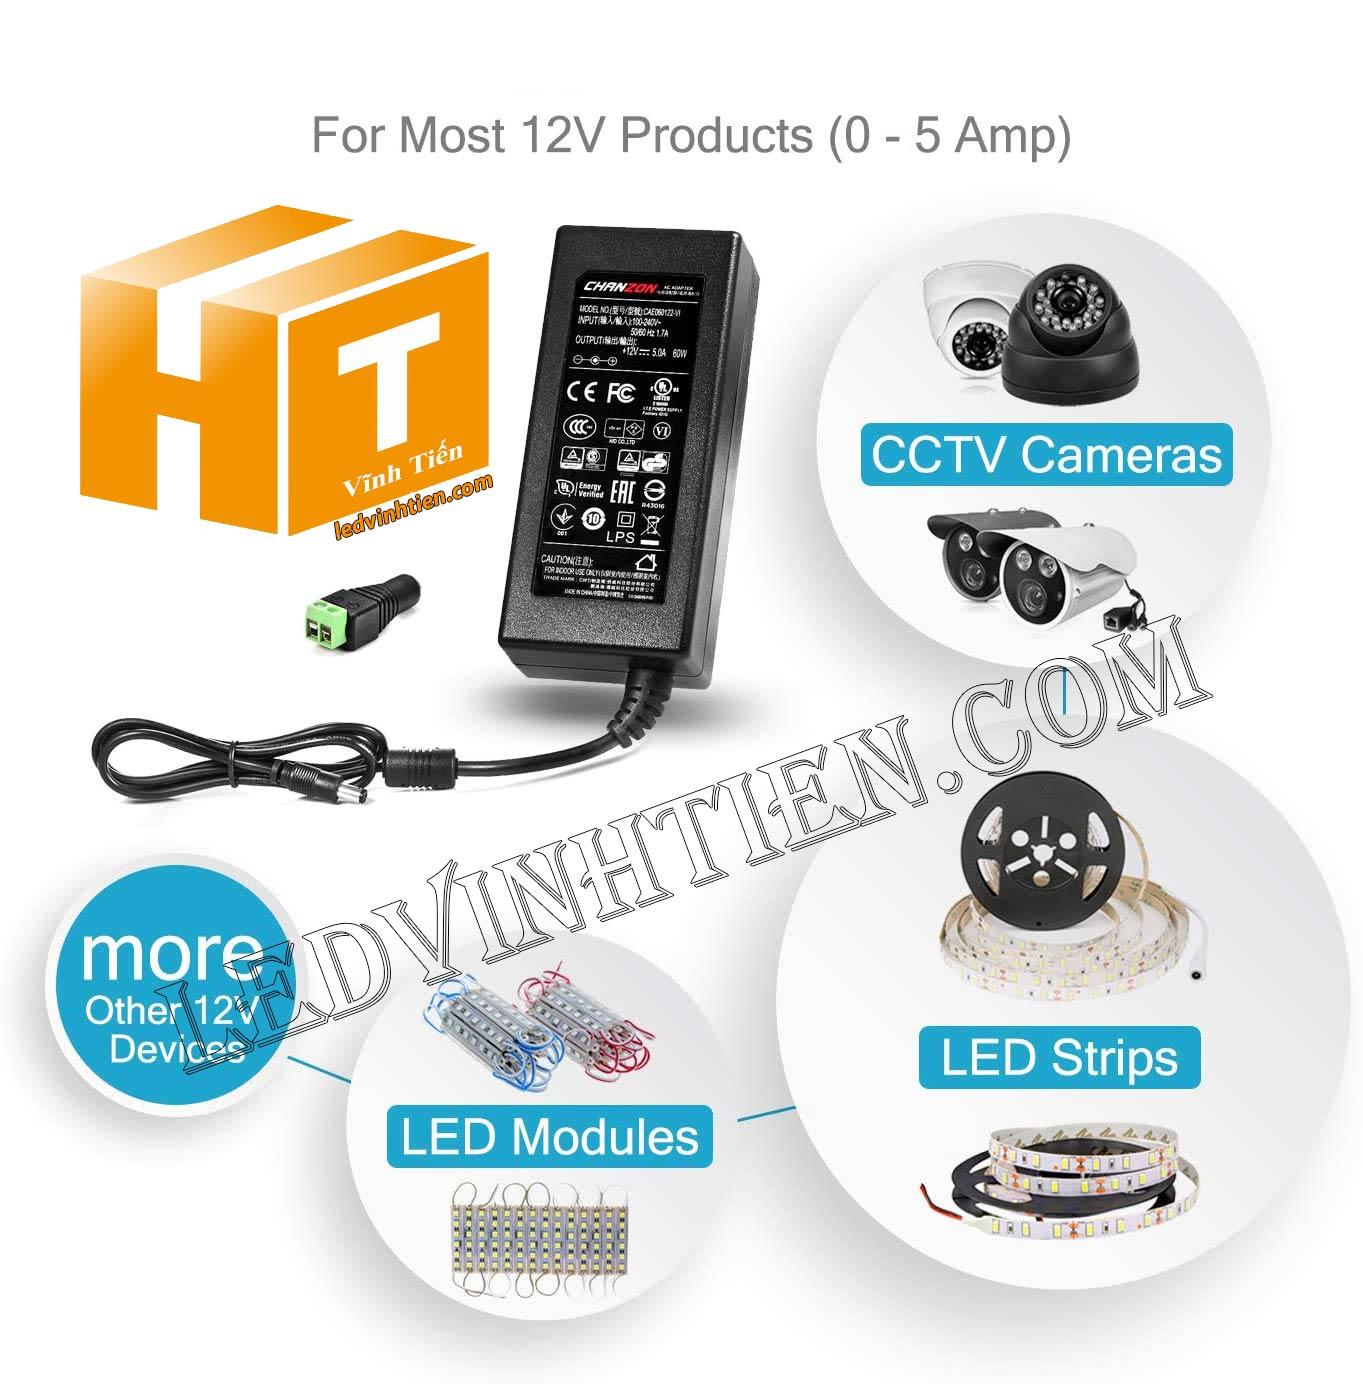 úng dụng của adapter 12v 2a dùng cho đèn led, camera, tự động hóa,...